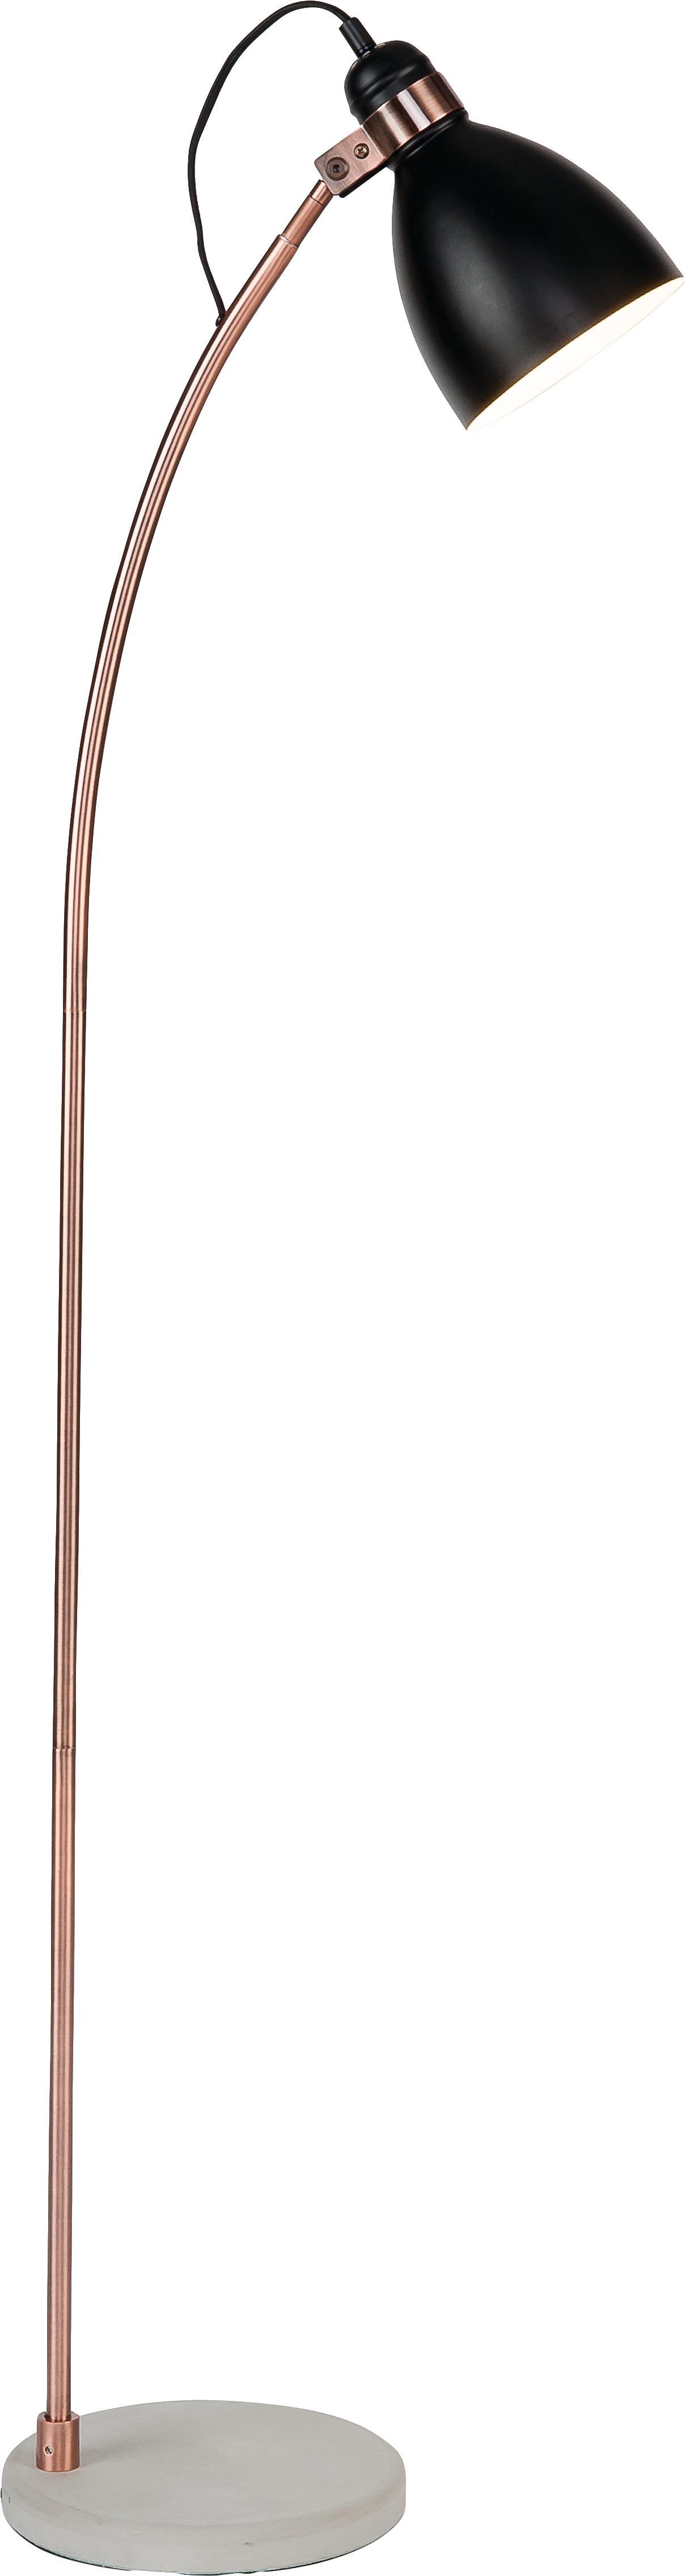 Leselampe Denver mit Zementfuß, Lampenschirm: Eisen, beschichtet, Stange: Eisen, verkupfert, Lampenfuß: Zement, Lampenschirm: SchwarzStange: KupferLampenfuß: Zement, 37 x 145 cm